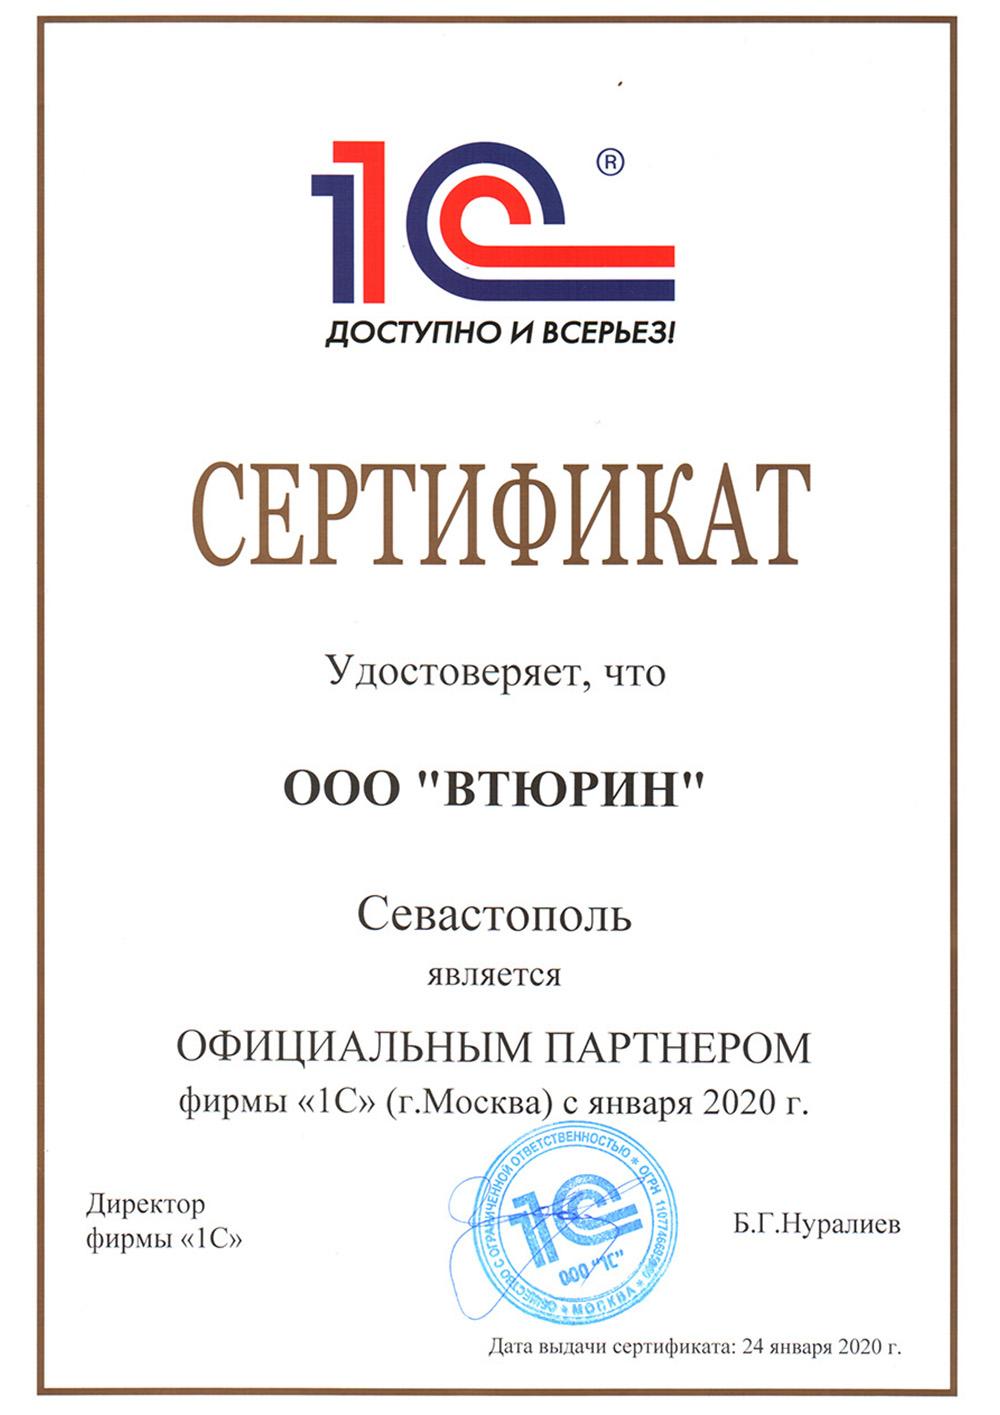 Официальный партнер фирмы 1С - ООО ВТЮРИН